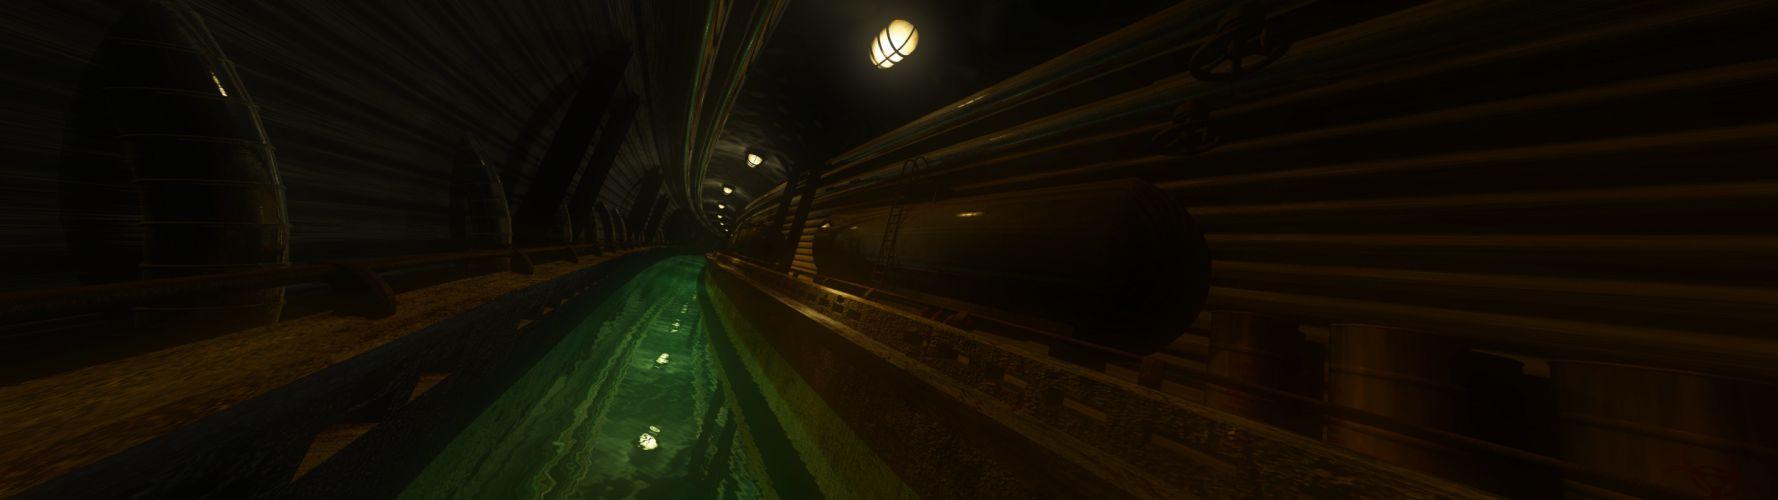 Underground Sewer (3840x1080) wallpaper